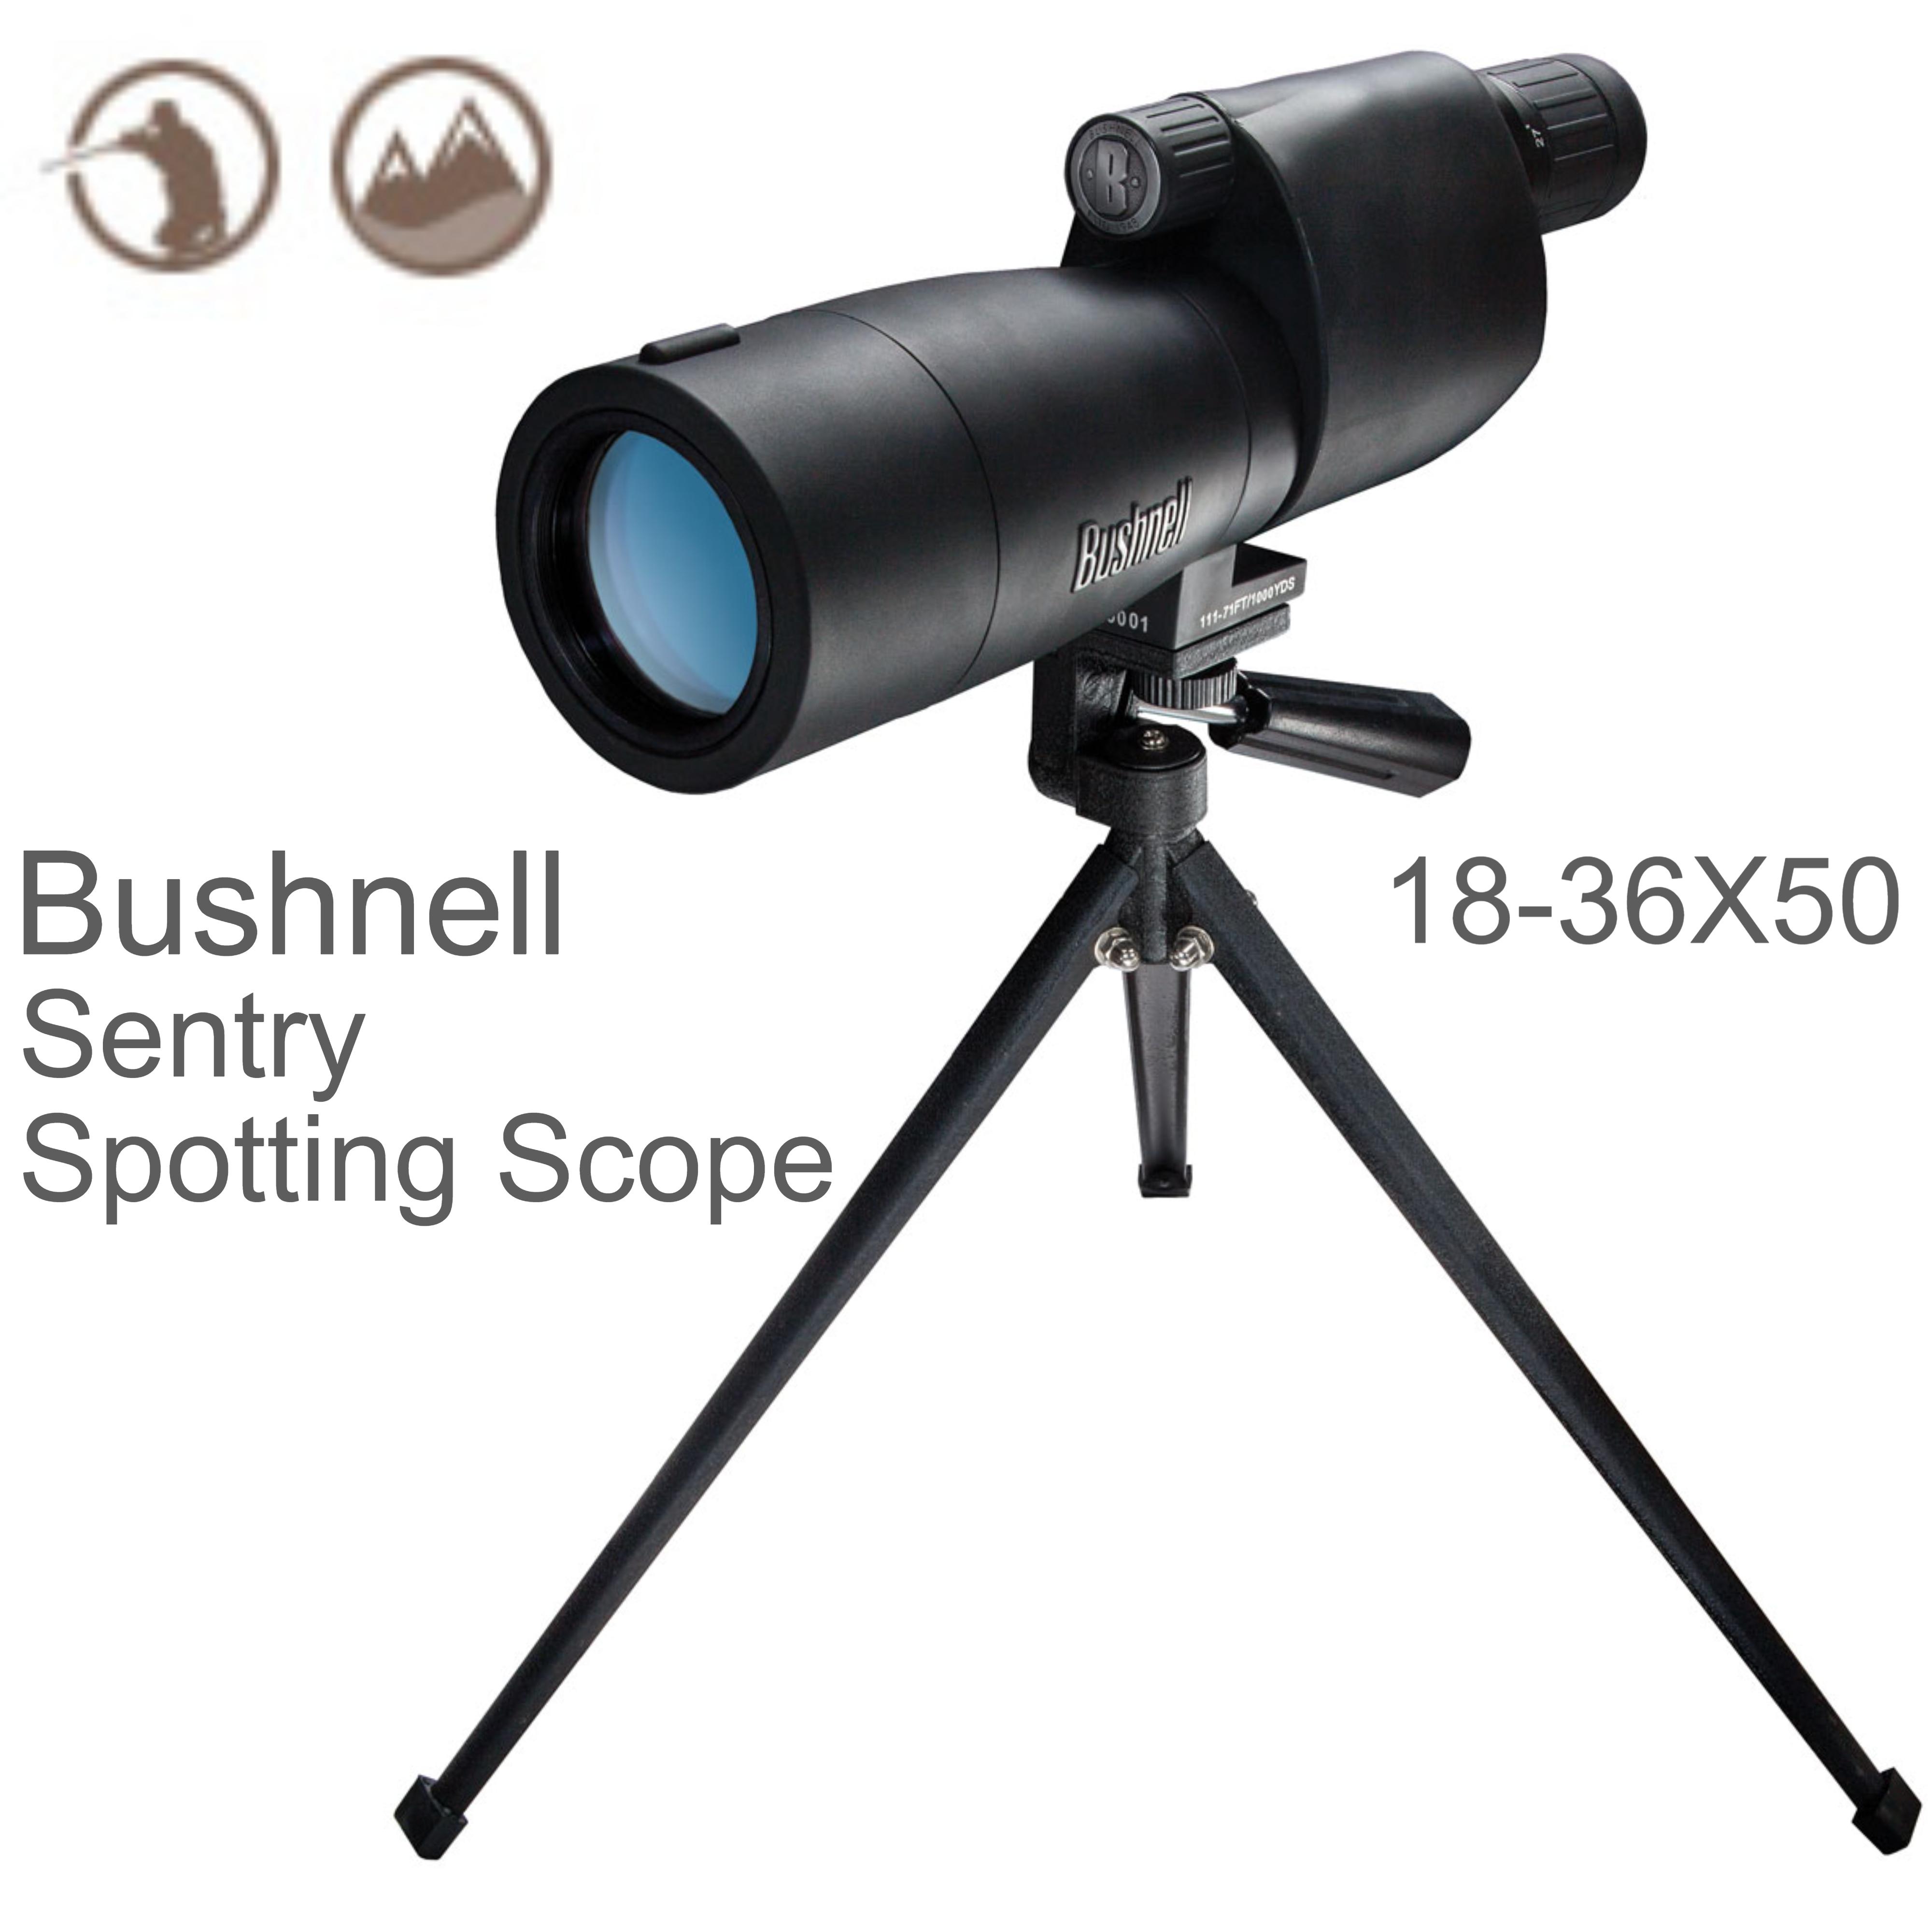 Bushnell Sentry Spotting Scope|Multi Coated|18-36x 50mm Objective Lens|-Black